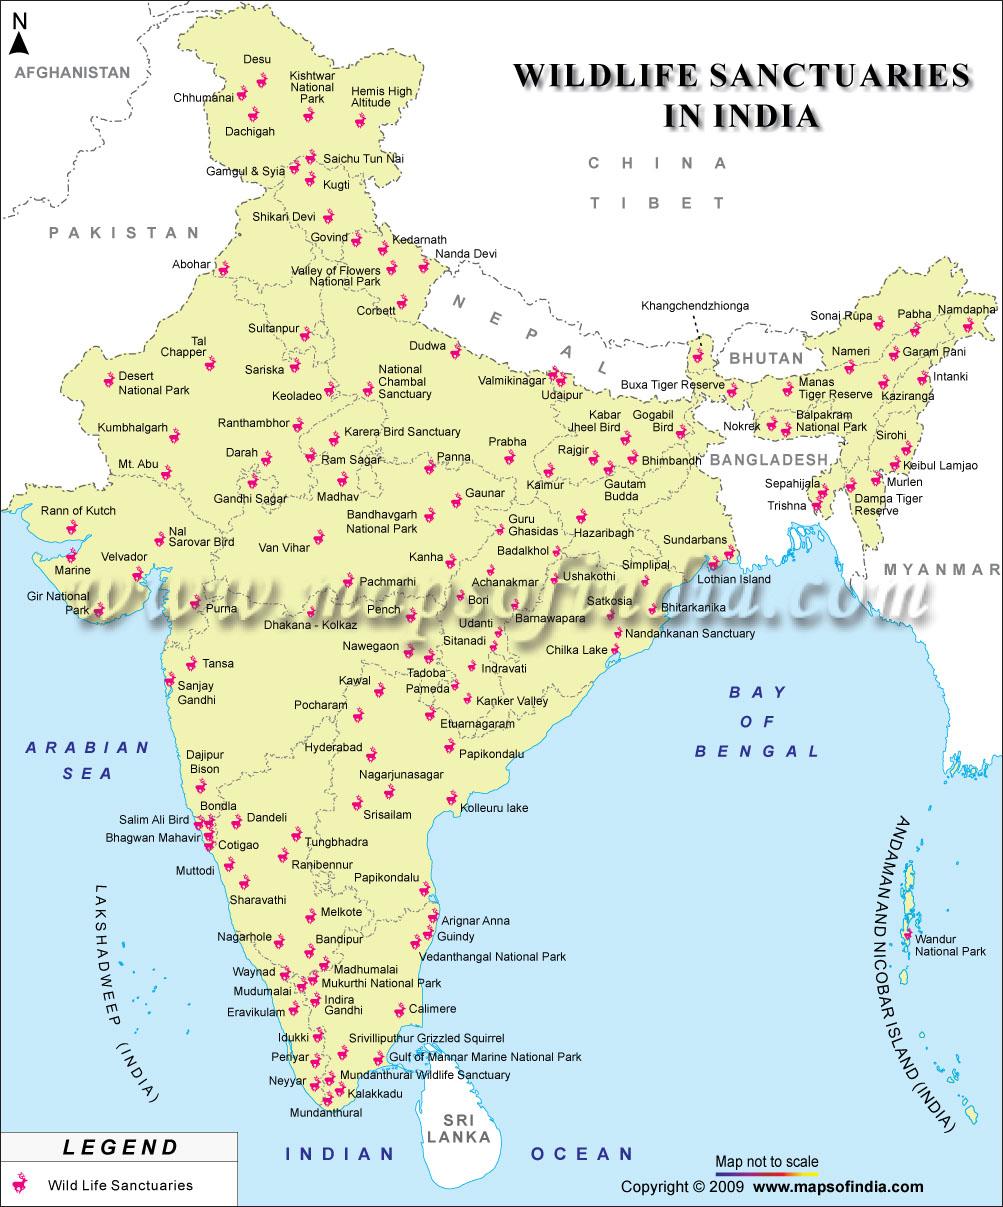 Map of Wildlife Sanctuaries in India